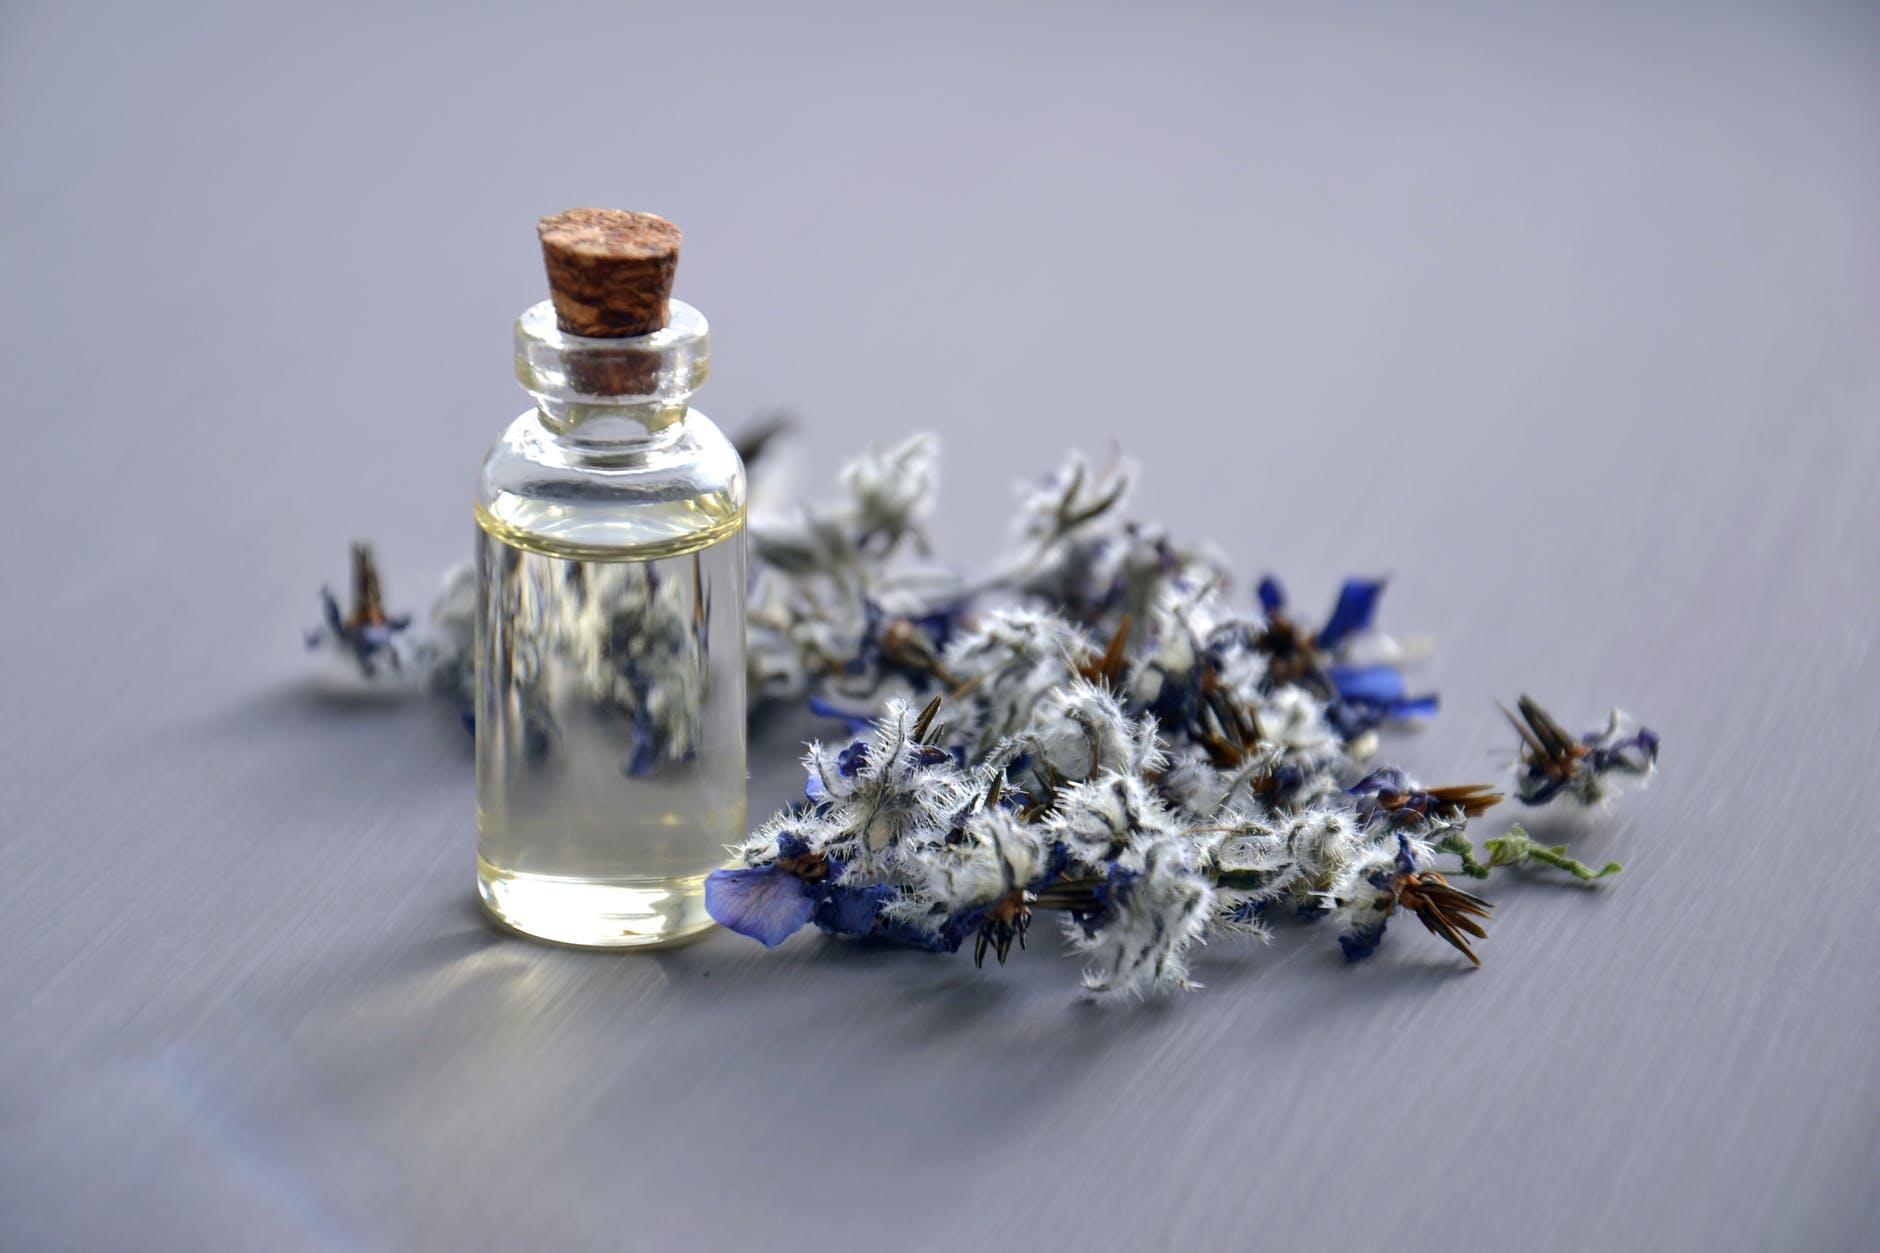 lavanda ulje cvijet